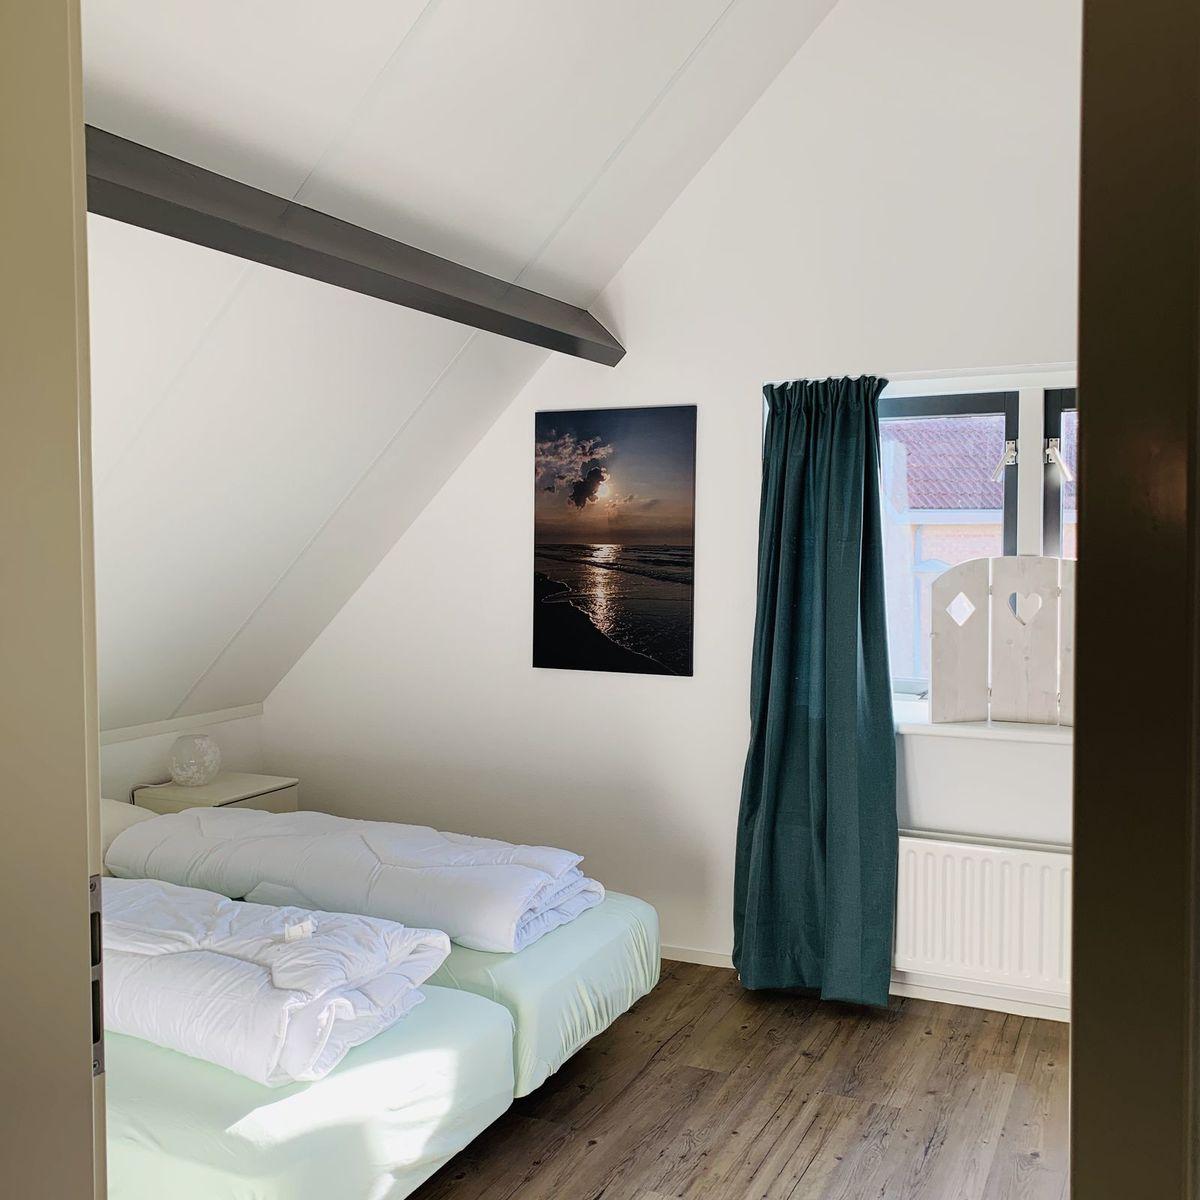 Mosselbank 049 - Noordzeepark Ouddorp De kokkel (Zeelust)